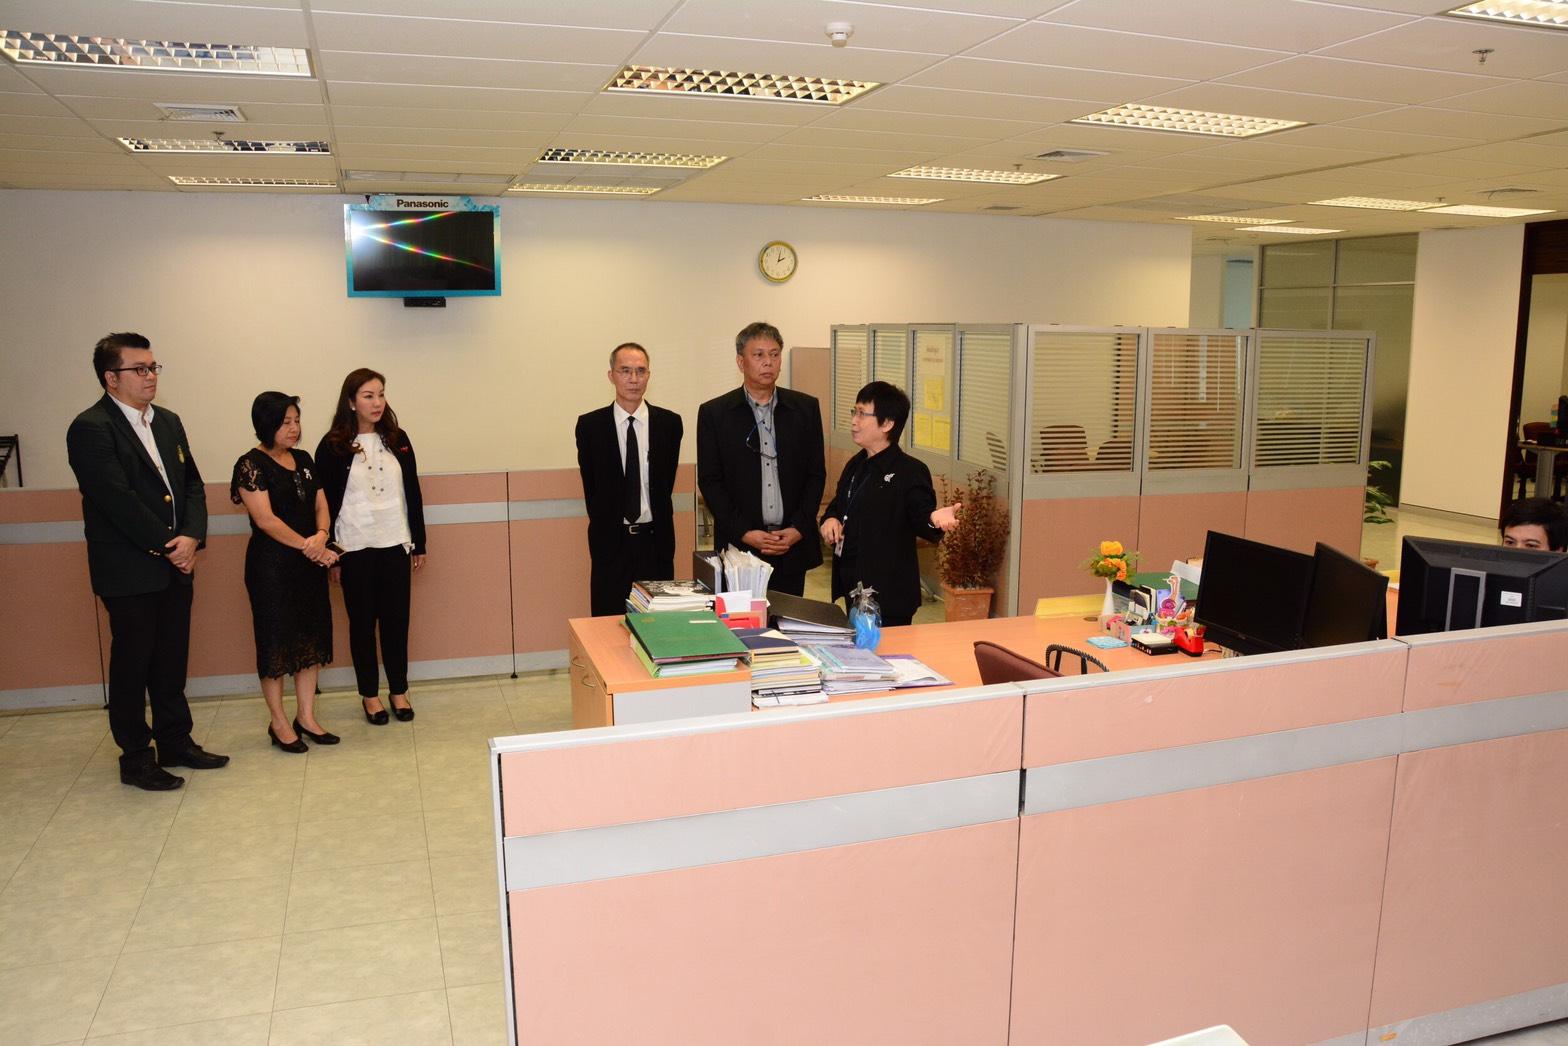 นายวรานนท์ ปีติวรรณ อธิบดีกรมการจัดหางาน ประชุมร่วมกับผู้อำนวยการศูนย์ประสานการบริการด้านการลงทุน สำนักงานคณะกรรมการส่งเสริมการลงทุน เพื่อทราบถึงเทคนิคและหลักการการดำเนินโครงการพัฒนาระบบนำร่องการจัดหาและพัฒนาระบบ Single Window ศูนย์บริการวีซ่าและใบอนุญาตท